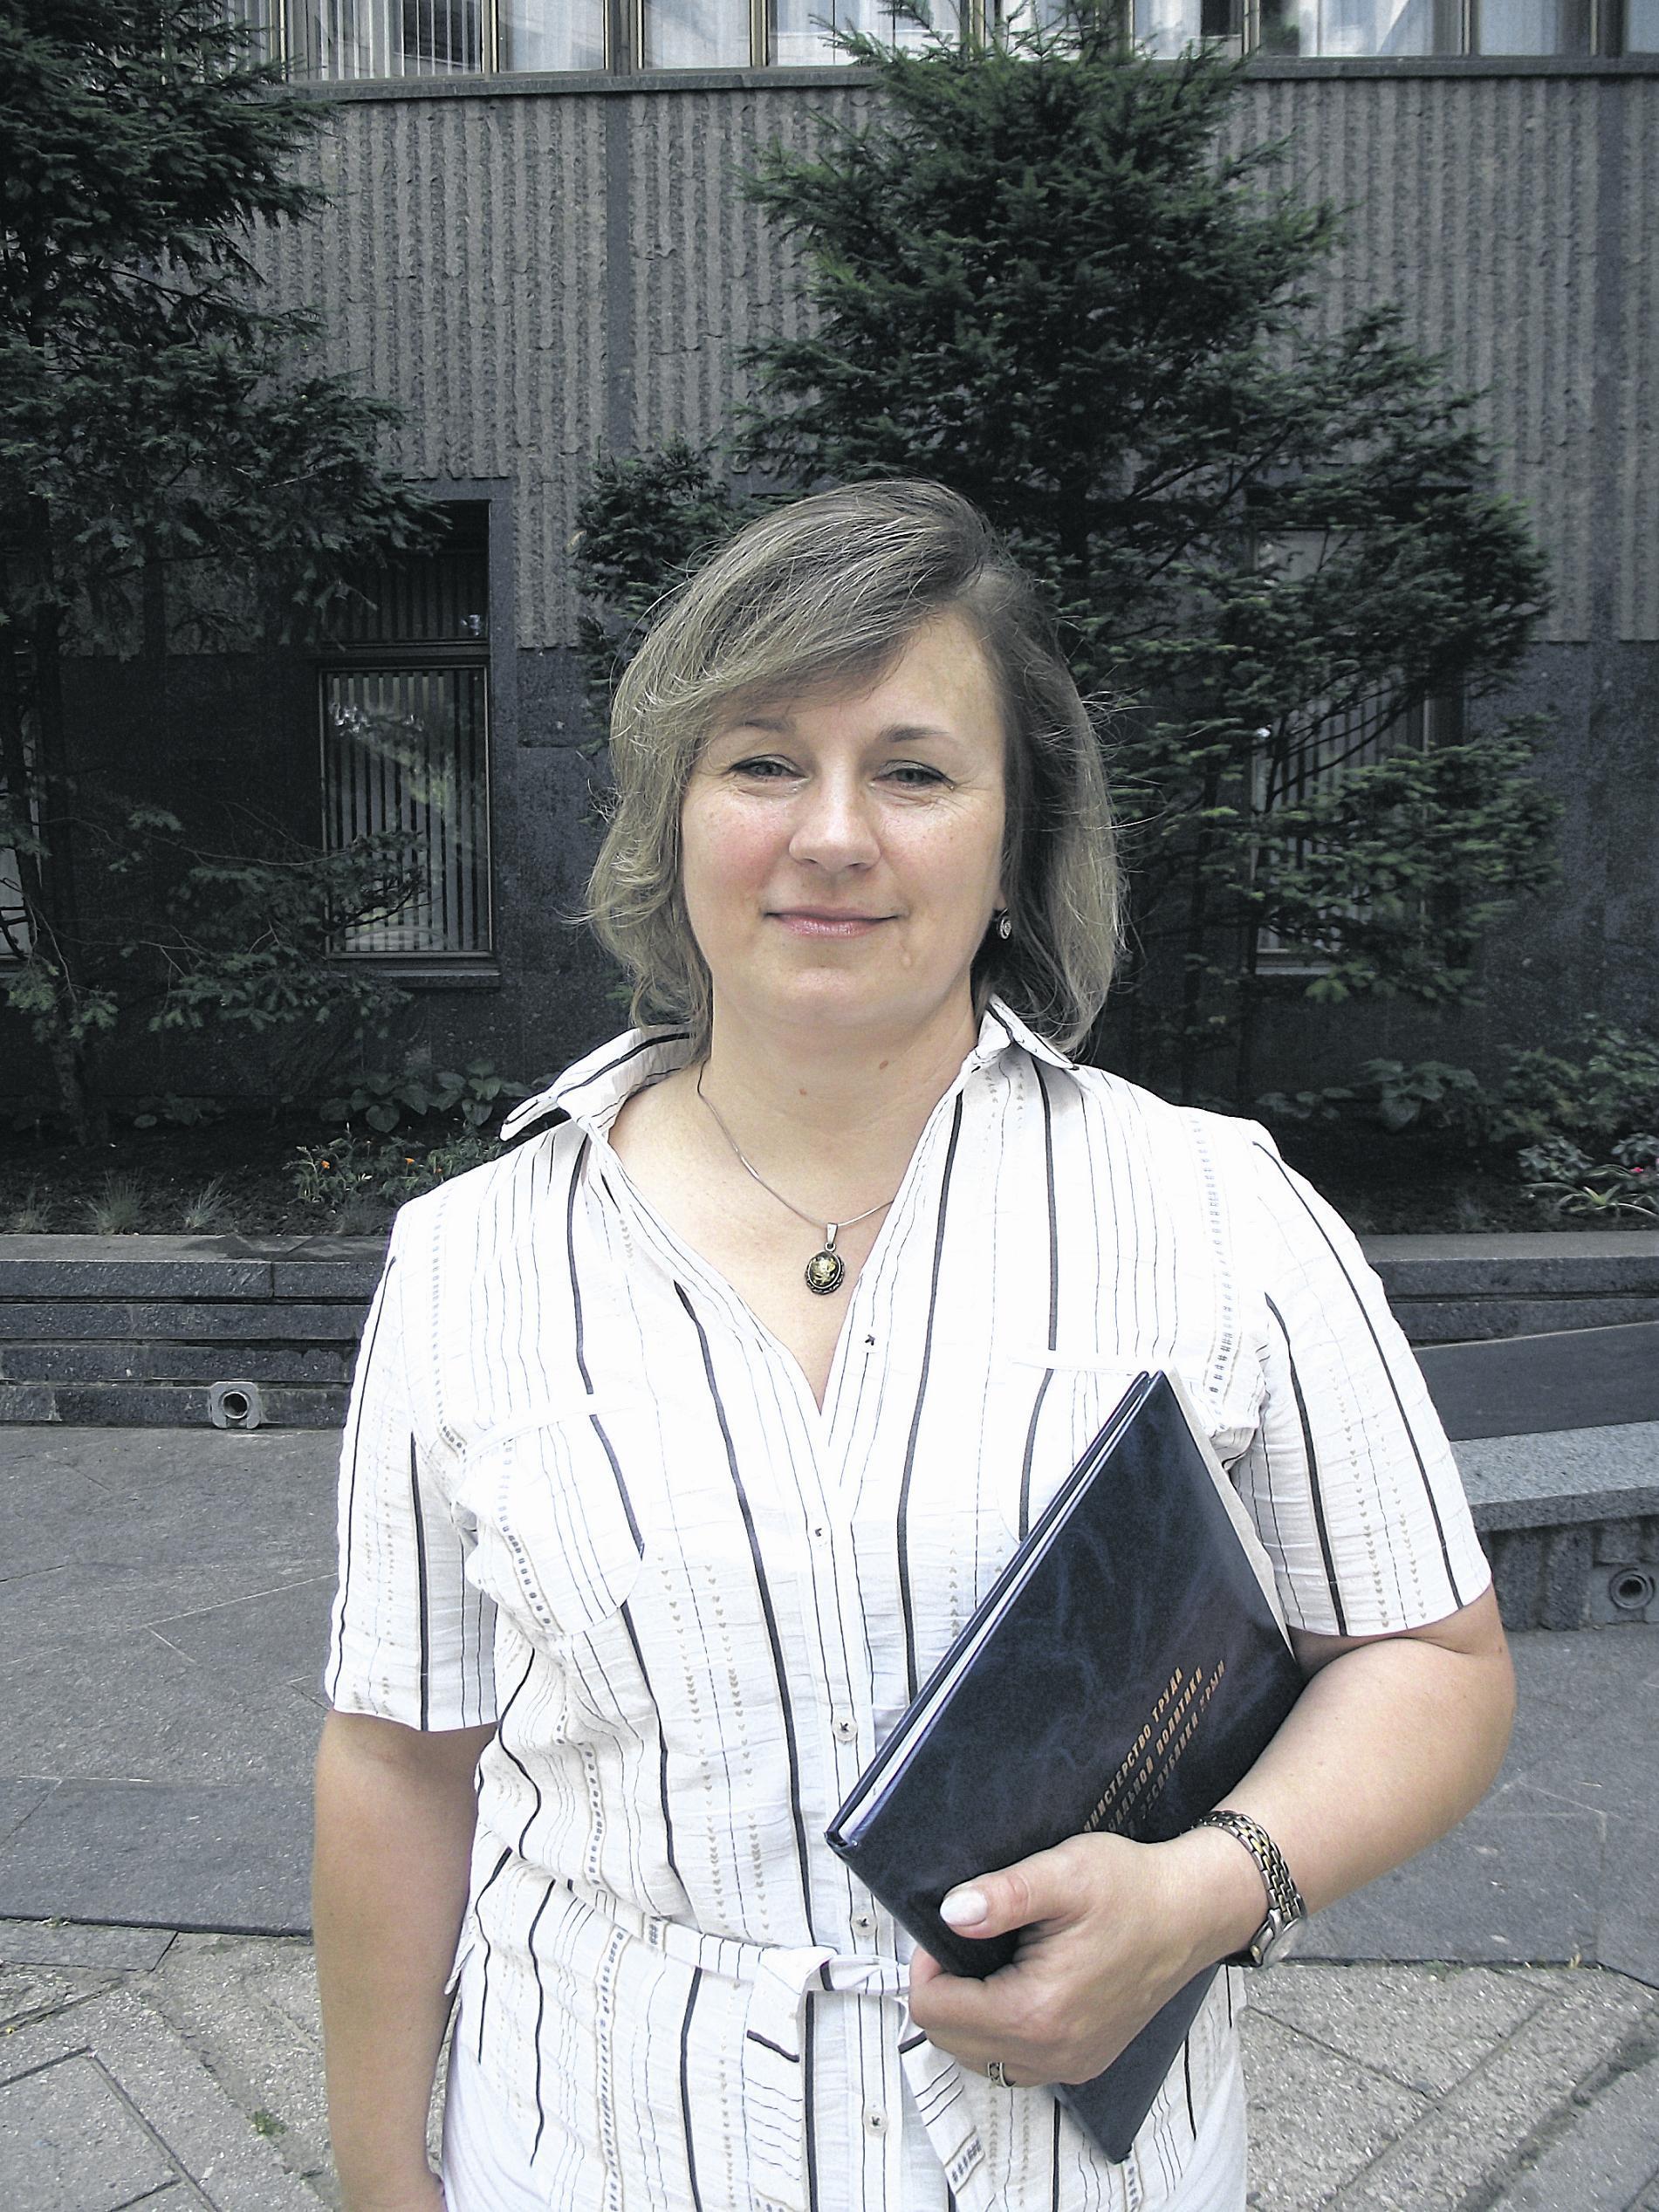 Клочкова в школе была прогульщицей, а Симонова получала двойки  по поведению фото 4